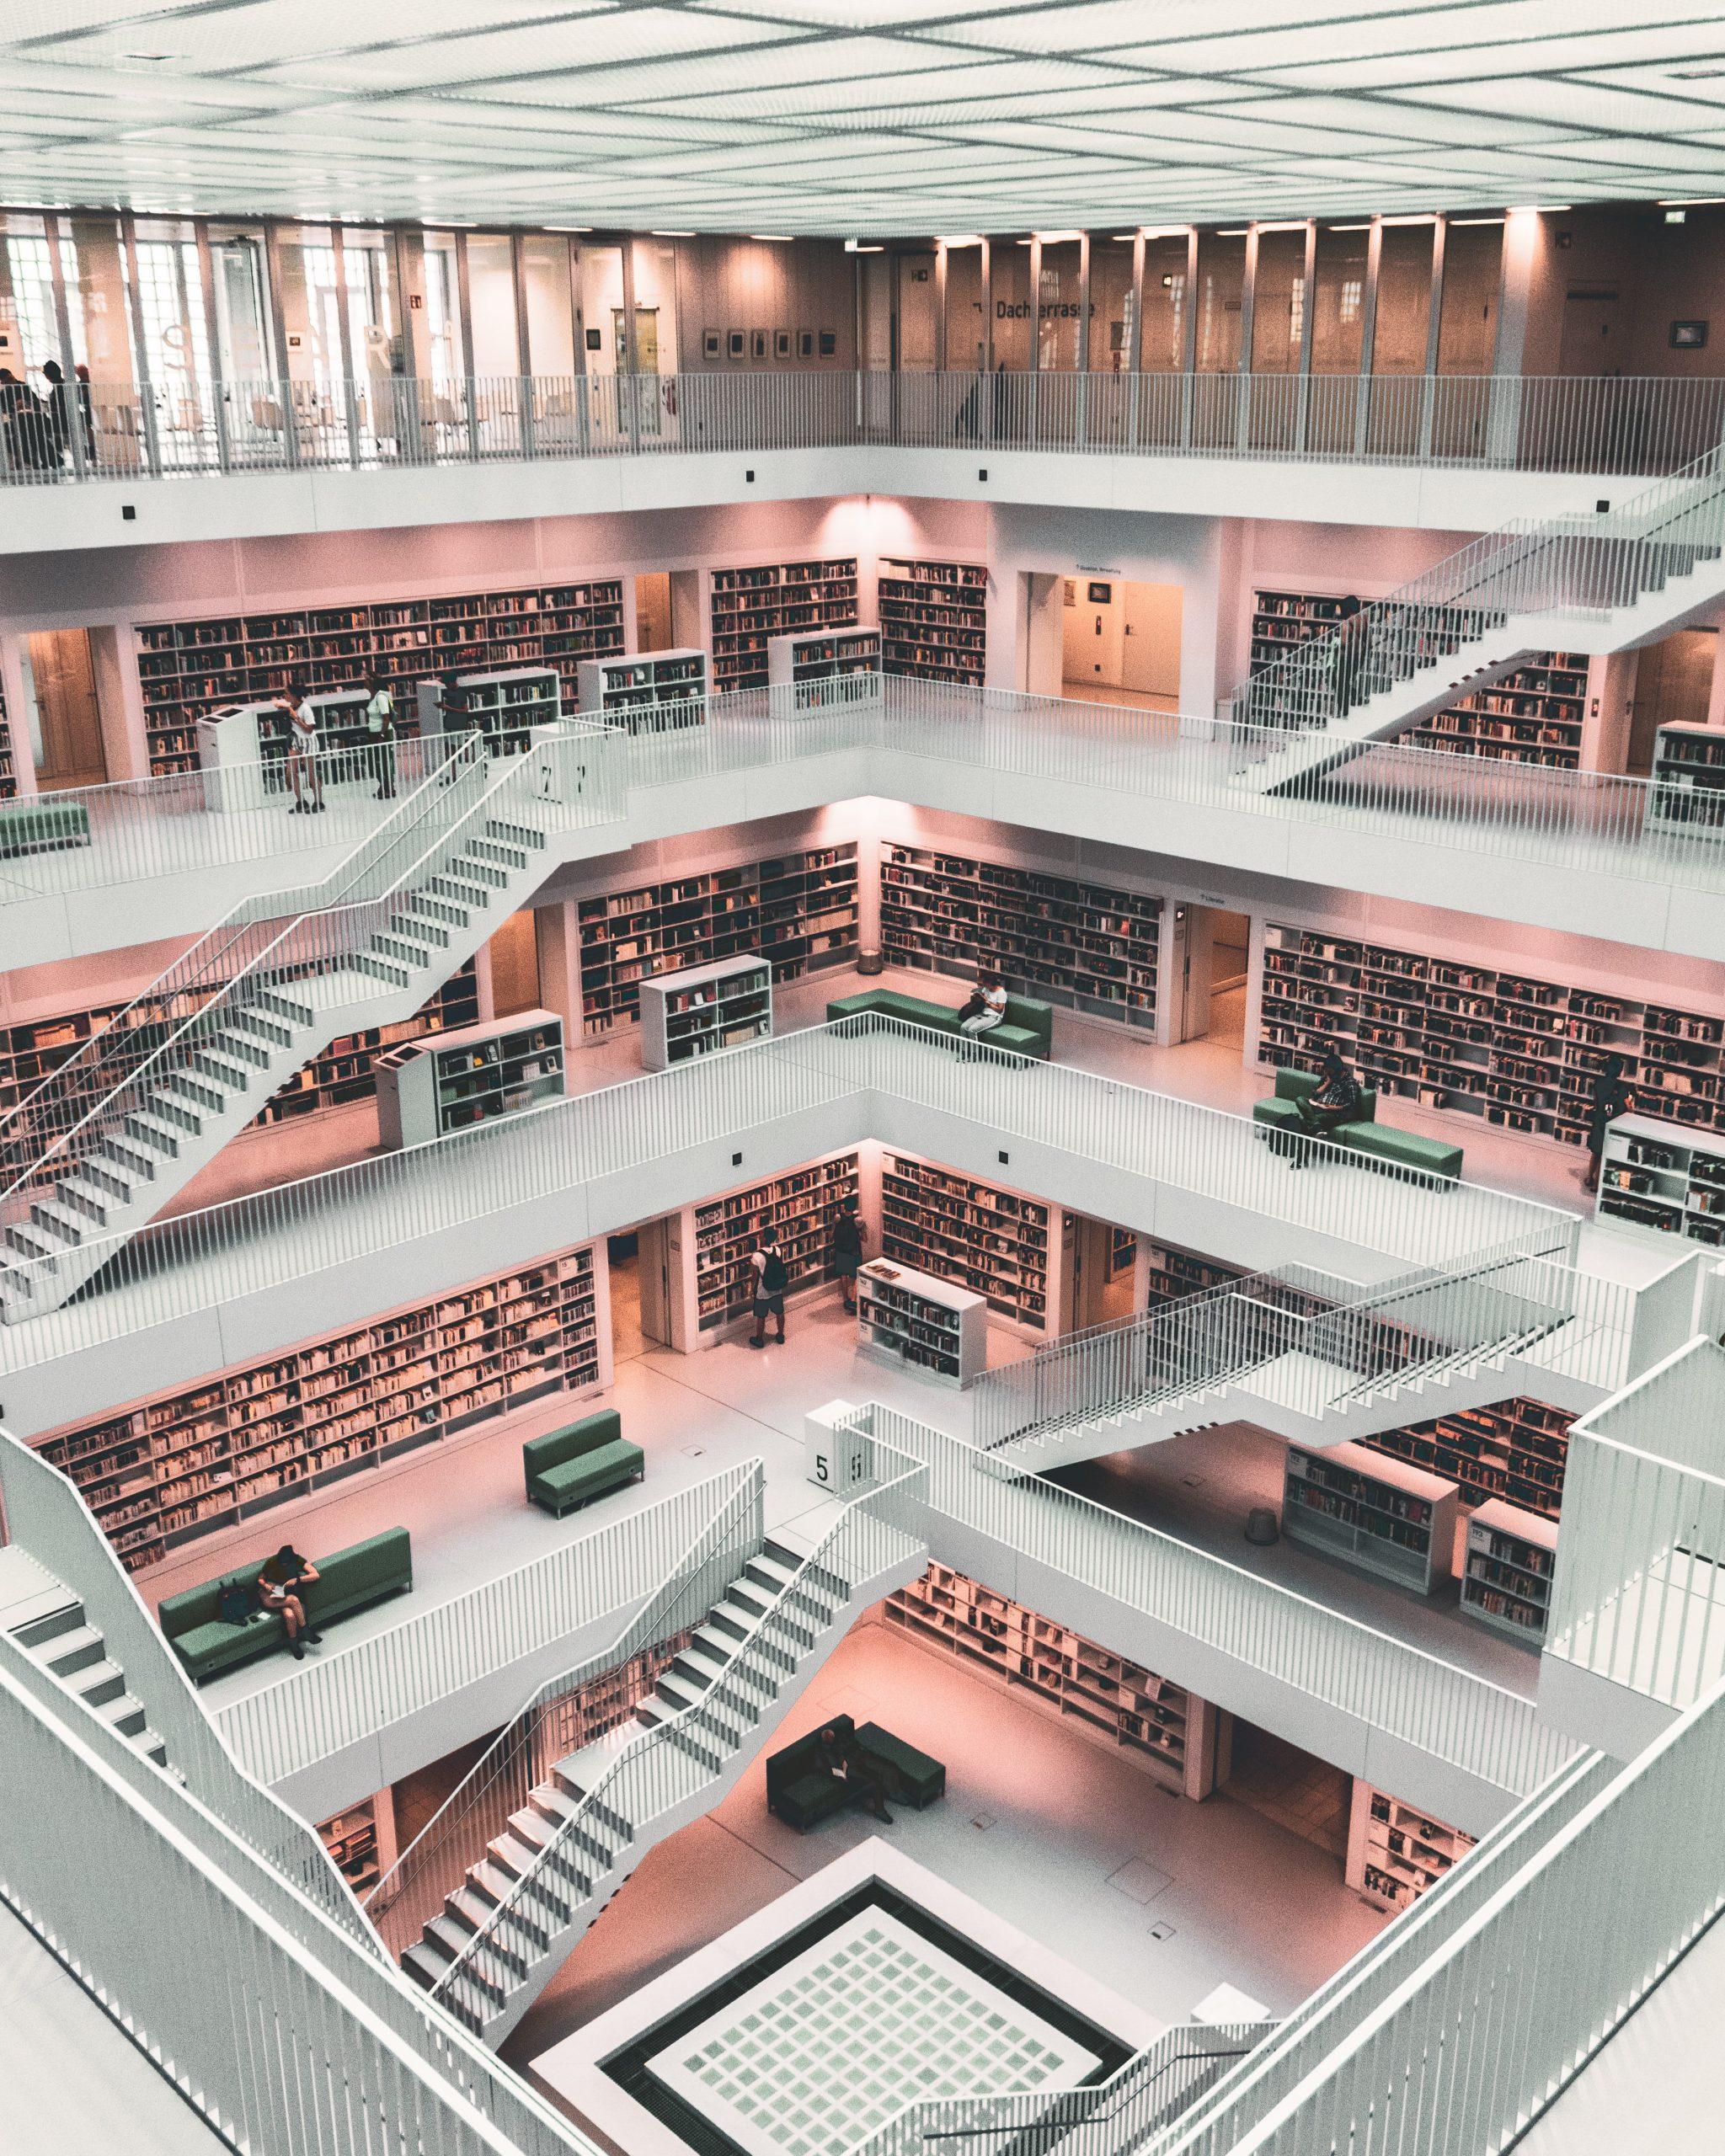 las librerías y bibliotecas más bonitas